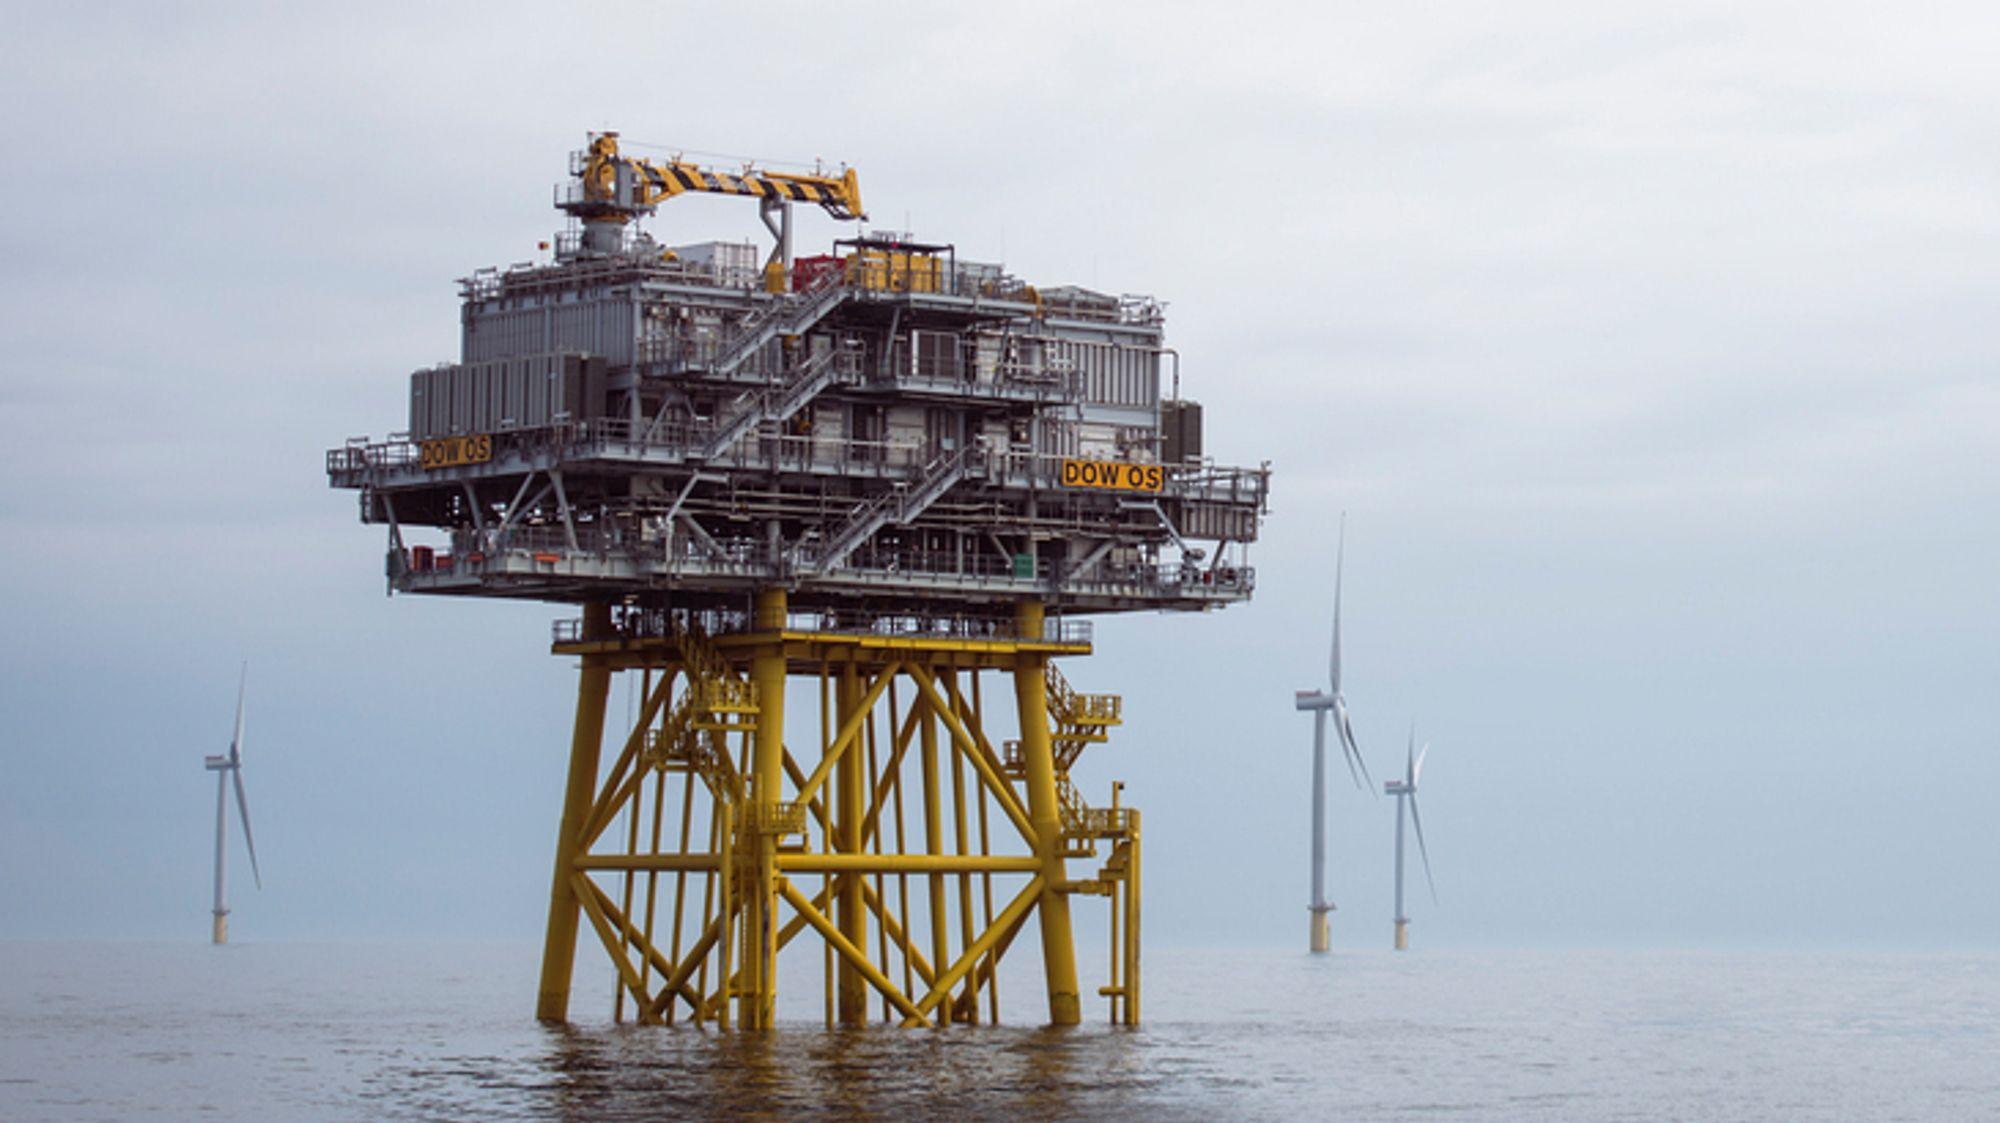 Eqiunor-deleide Dudgeon Offshore Wind Park ved kysten av Norfolk er et eksempel på grønn energi selskapet jobber med.